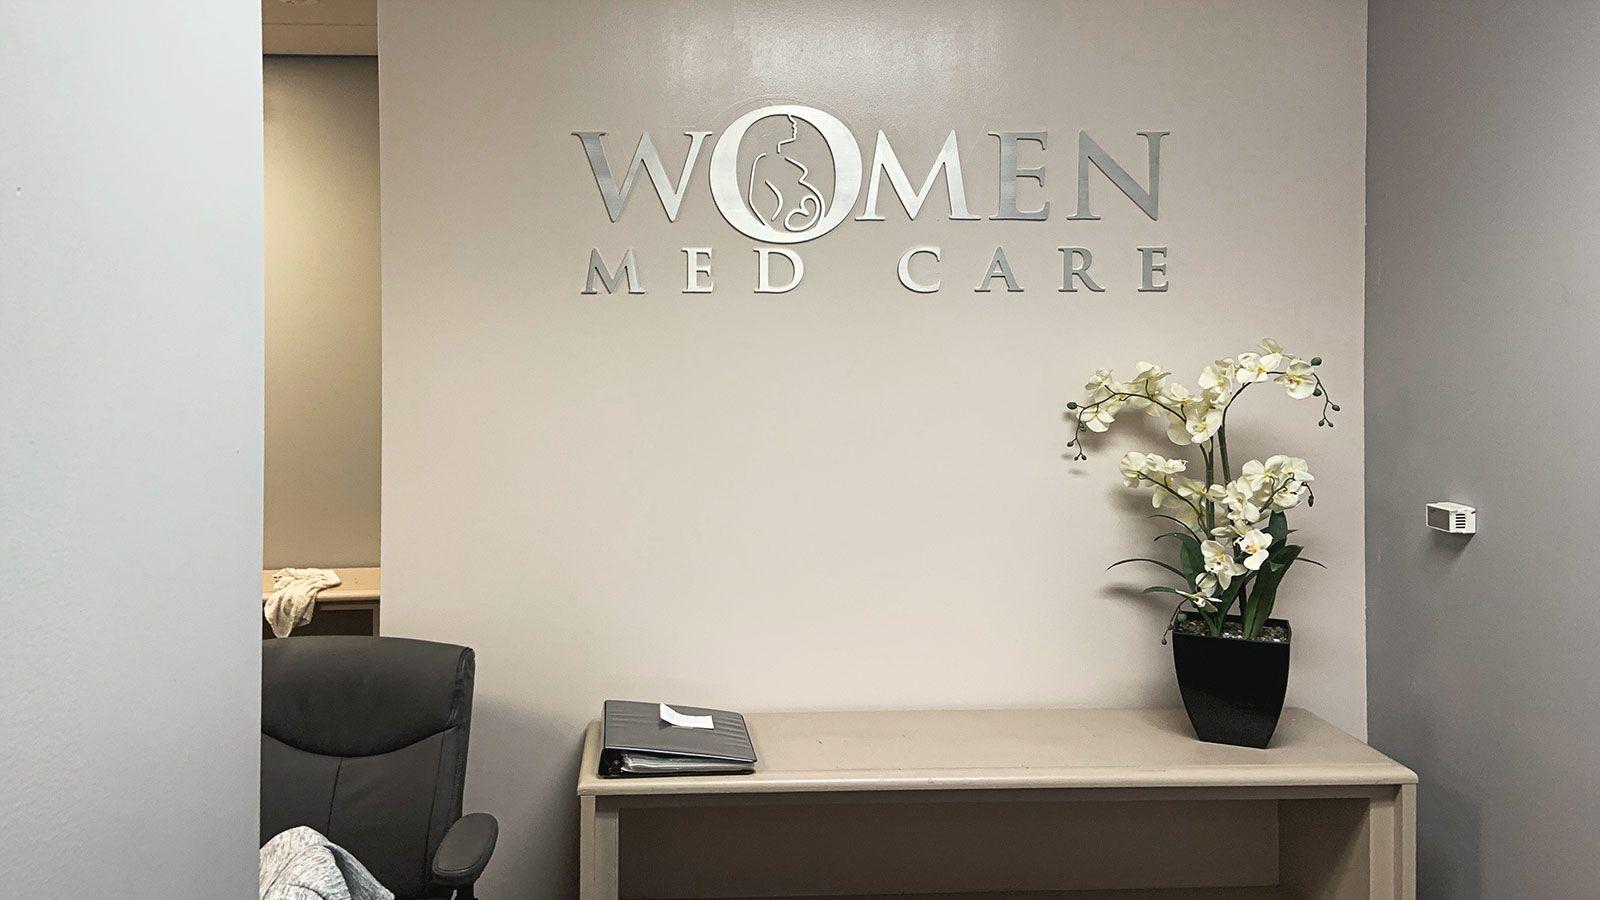 Women med care 3D letters